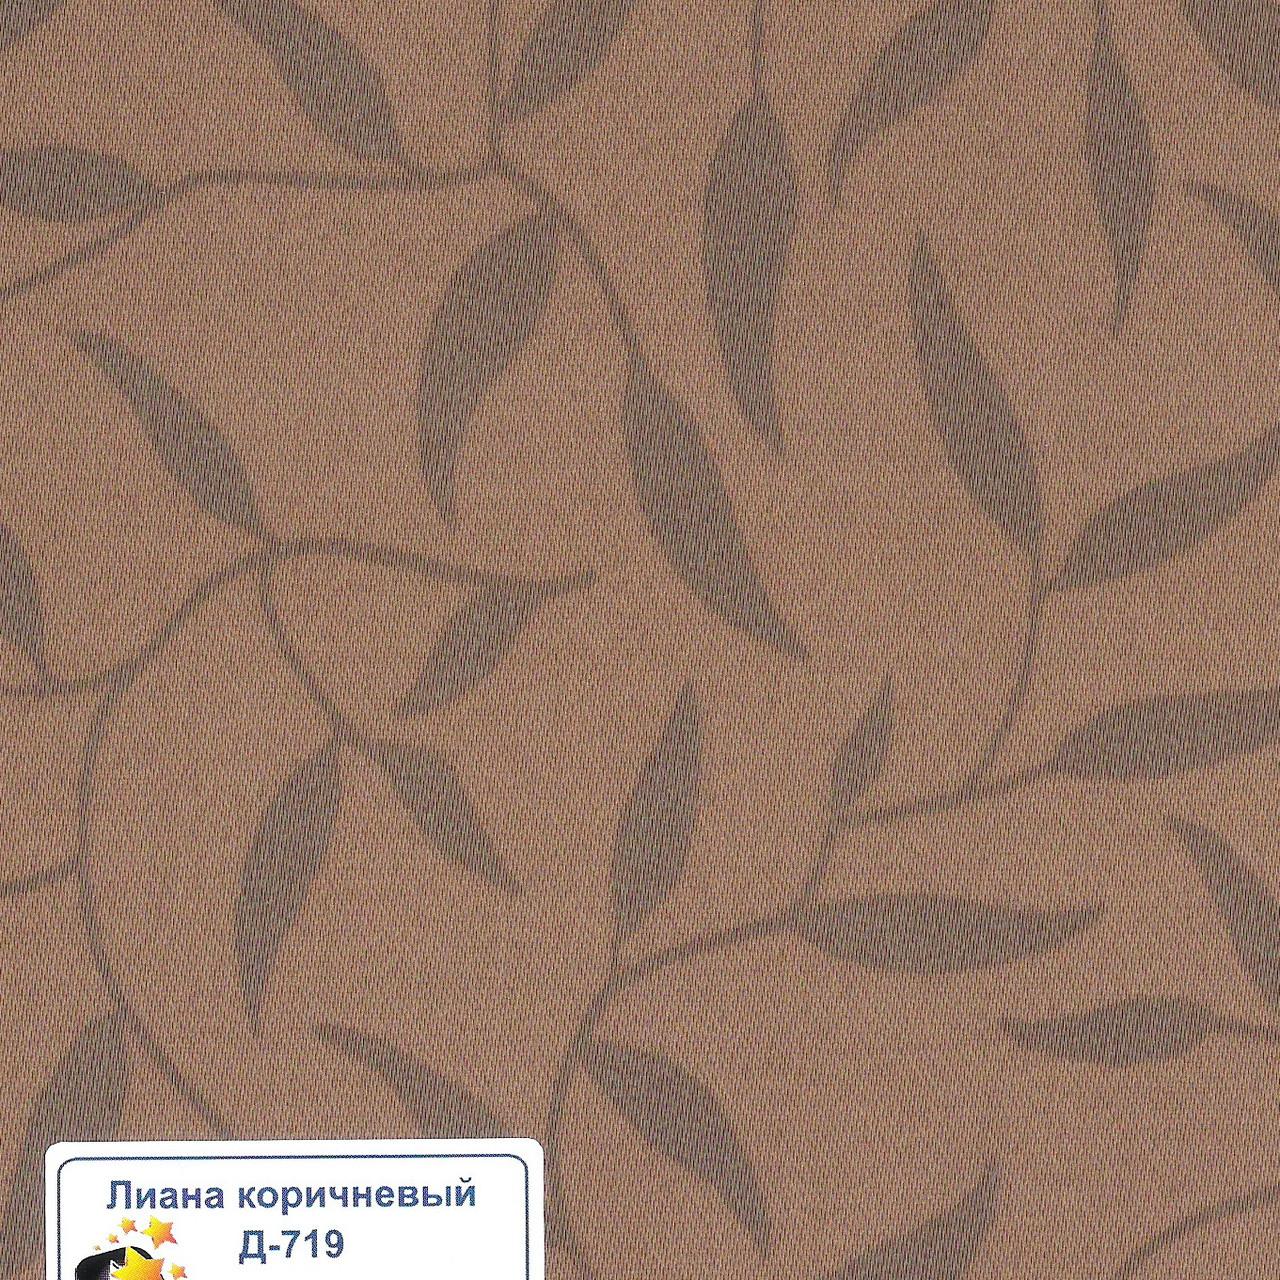 Рулонные шторы Одесса Ткань Лиана Коричневый